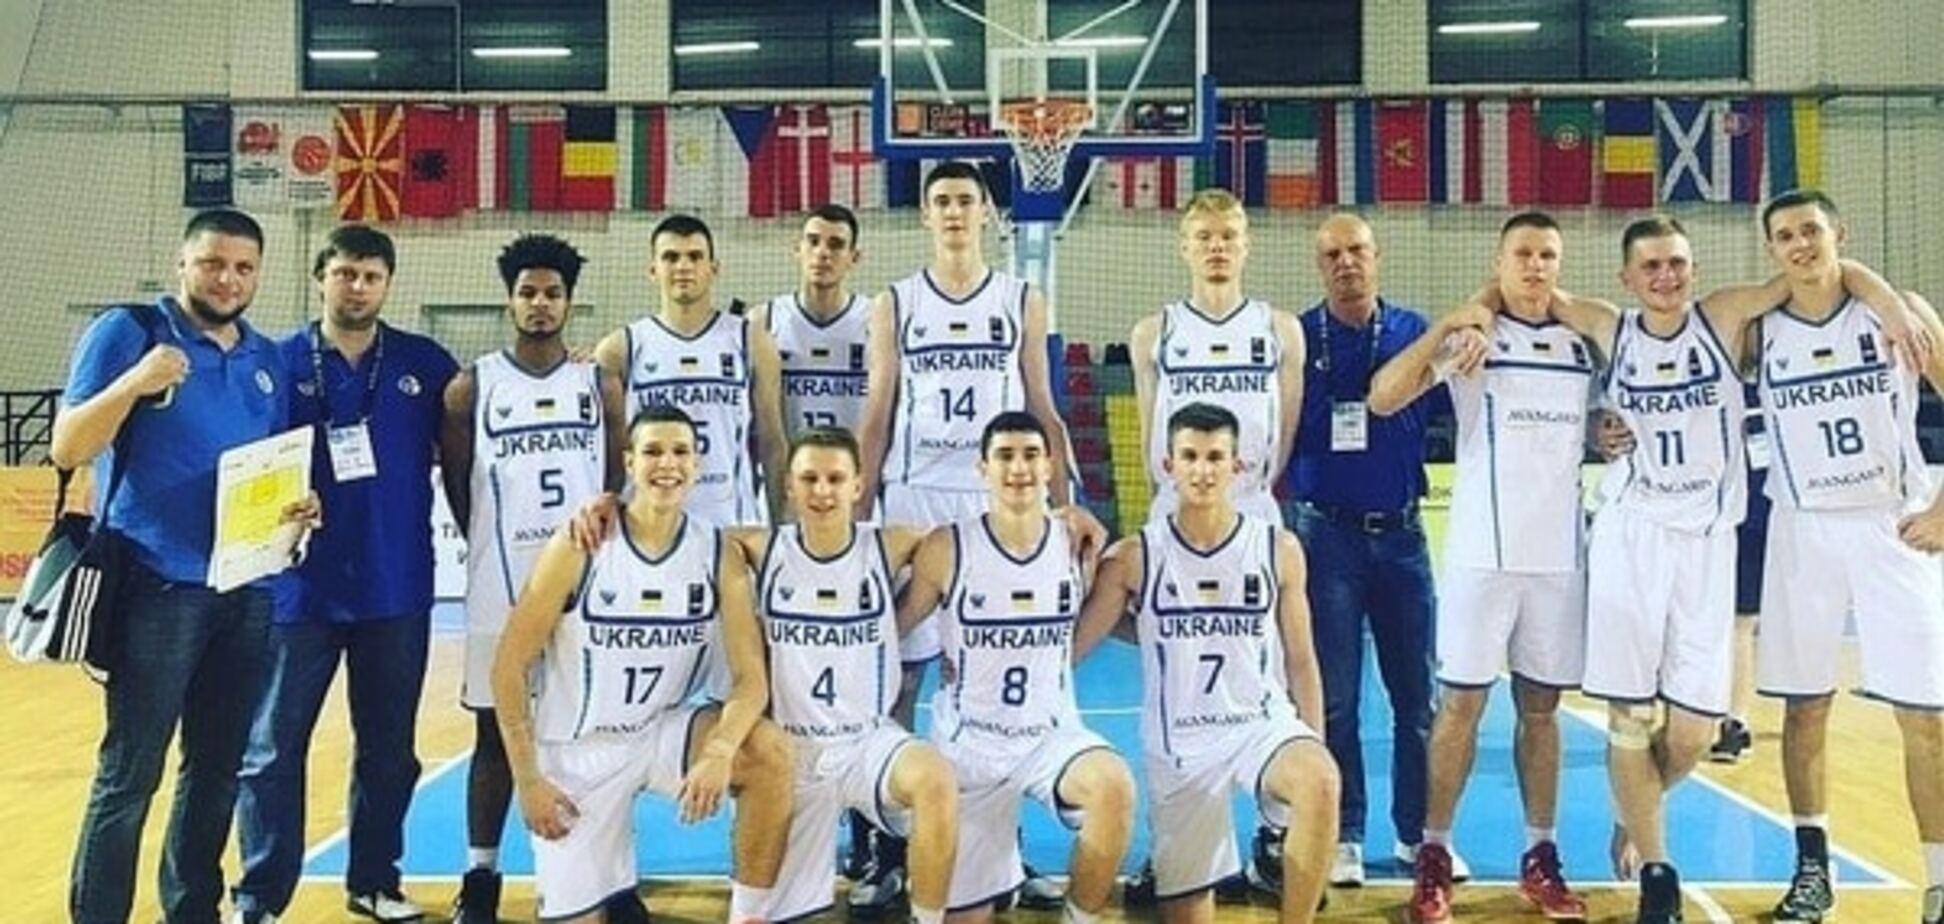 Юниорская сборная Украины по баскетболу